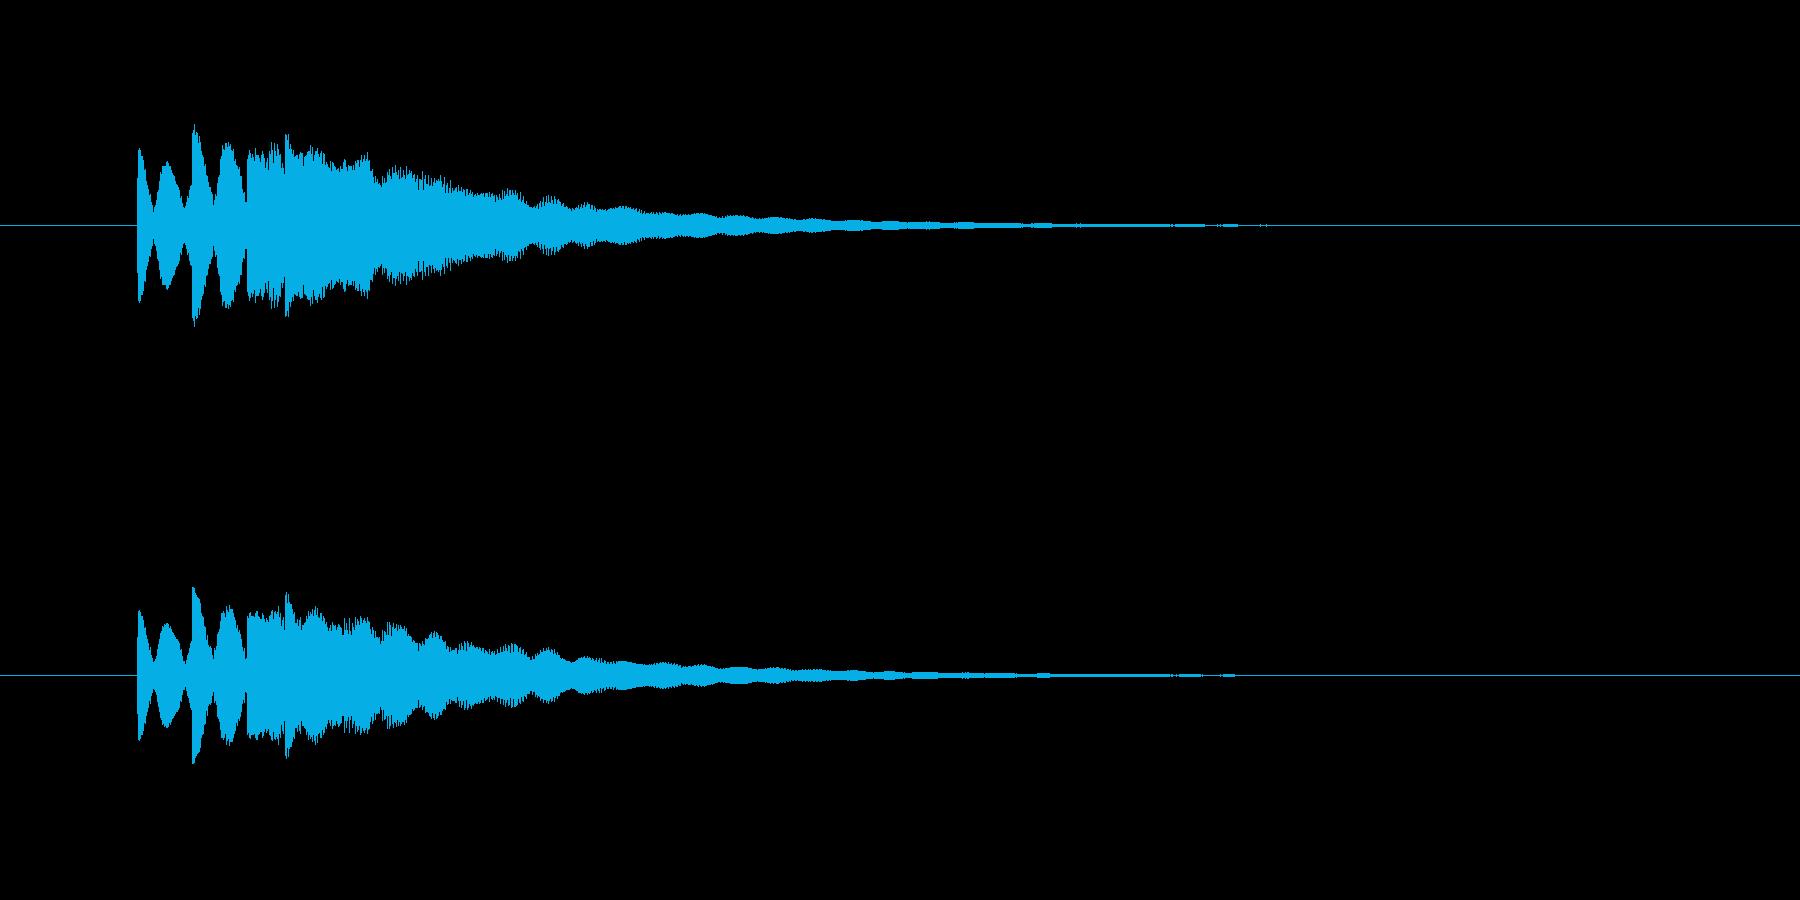 ピロピロン(お知らせ、合図)の再生済みの波形